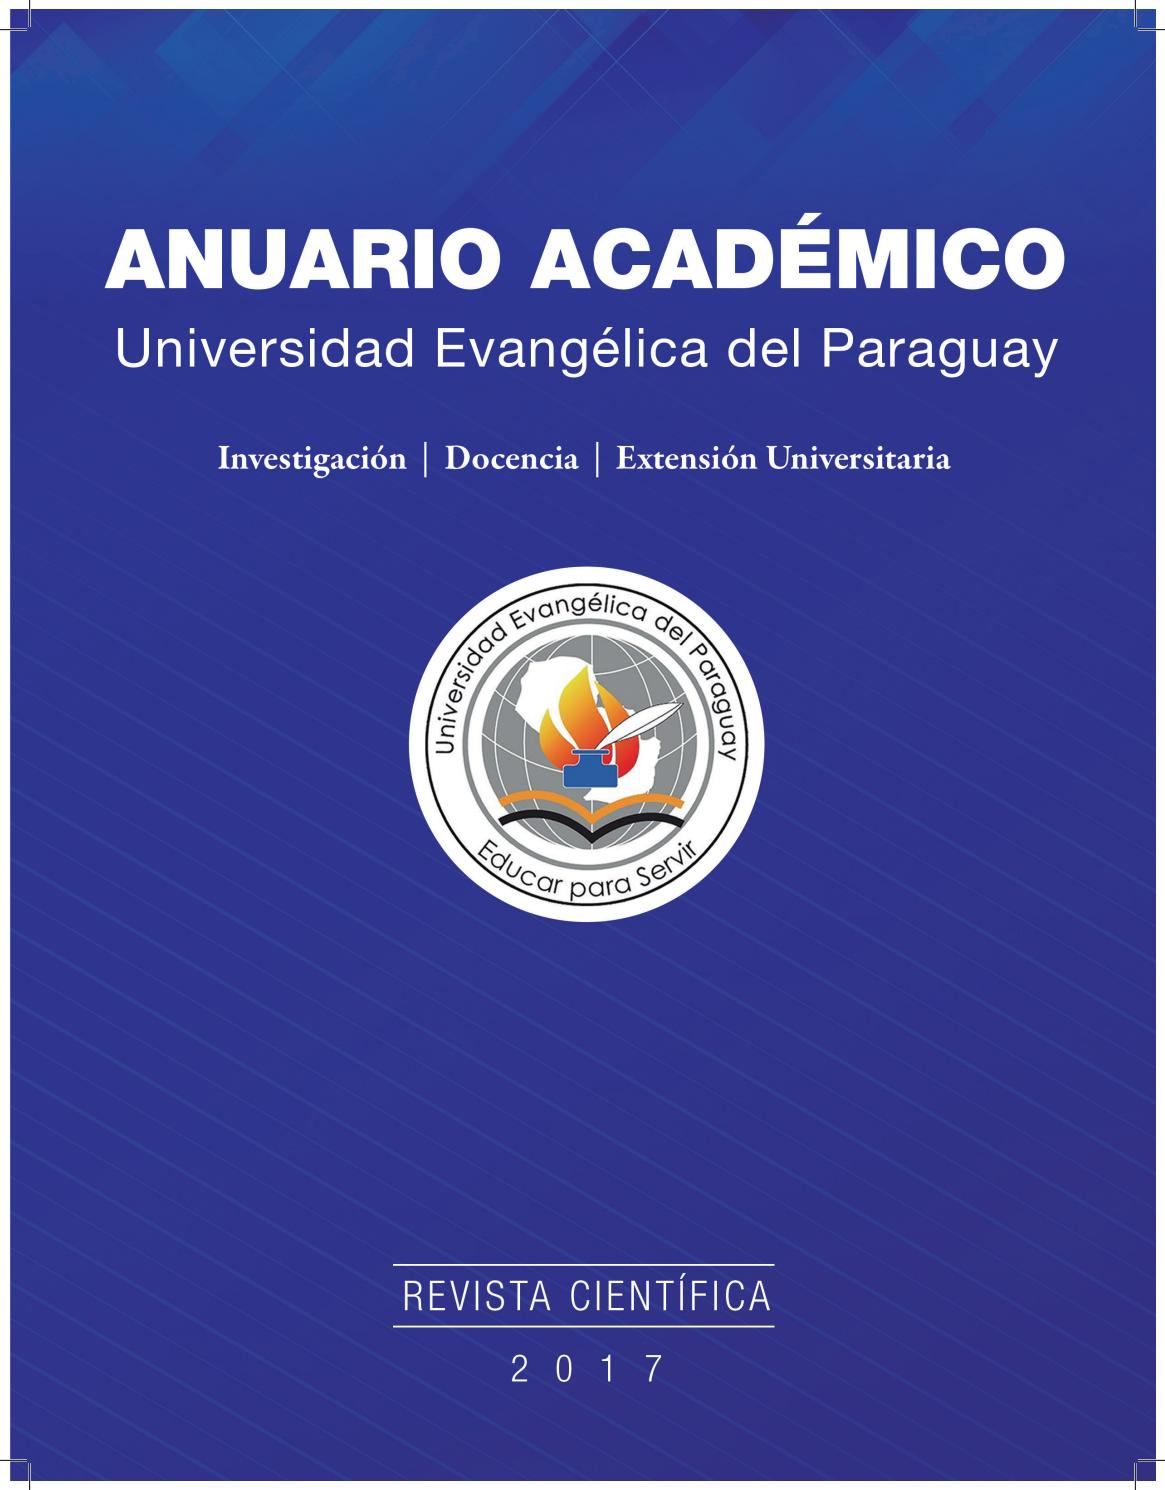 Anuario Académico 2017 - Revista Cientifica UEP by Universidad ...